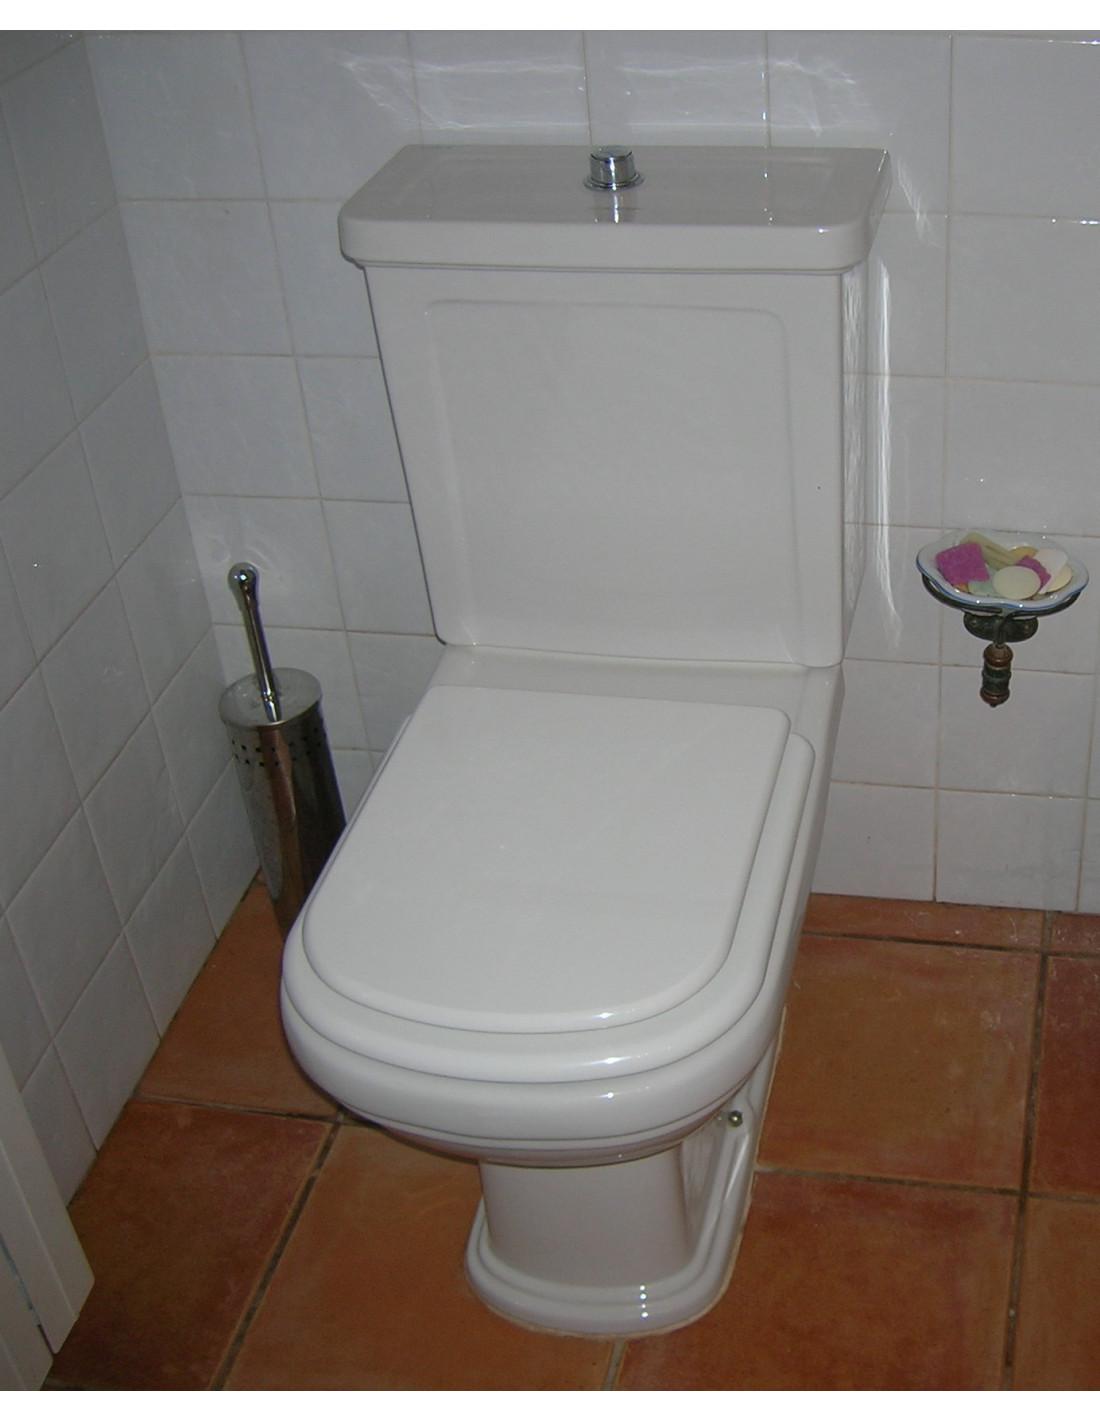 Abattant de le toilette mod le renascen a du sanitana adaptable - Abattant de toilette ...